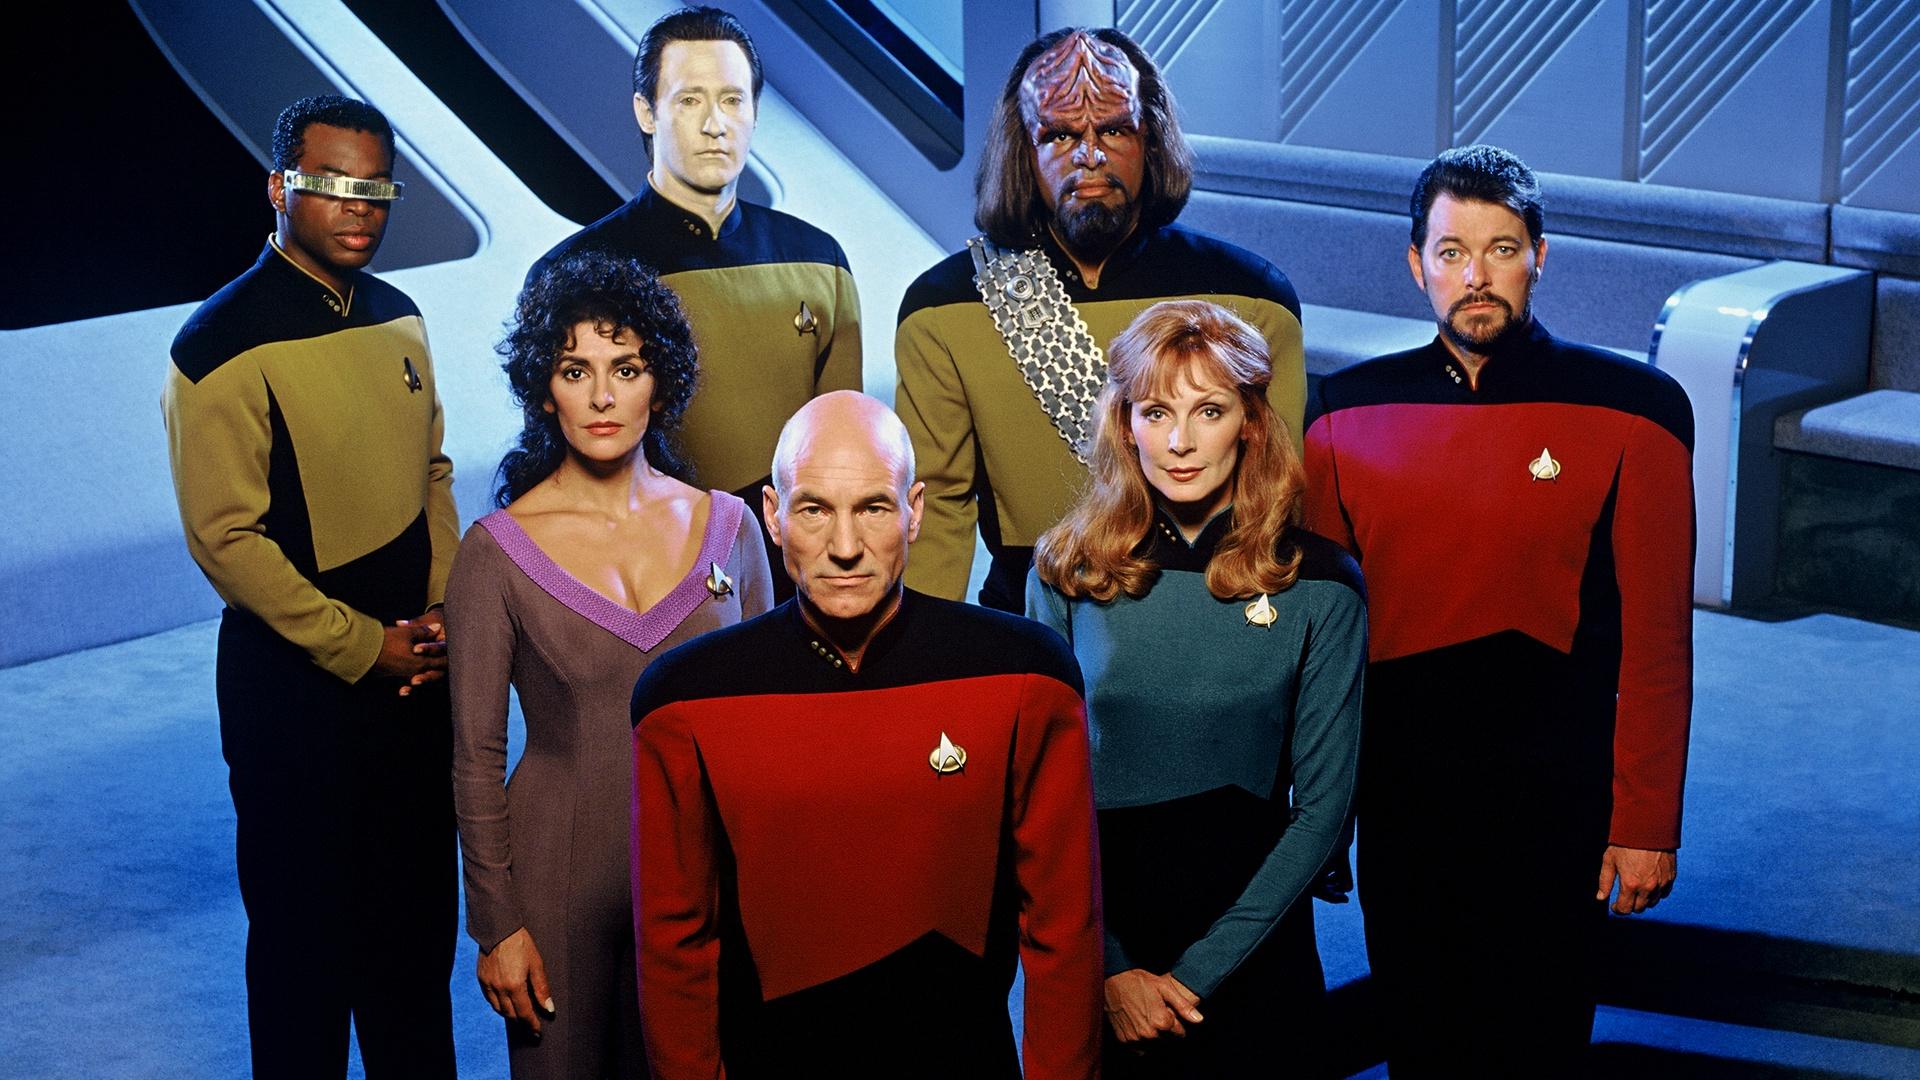 Tego nikt się nie spodziewał – Star Trek powróci w 2017 roku z zupełnie nowym serialem!